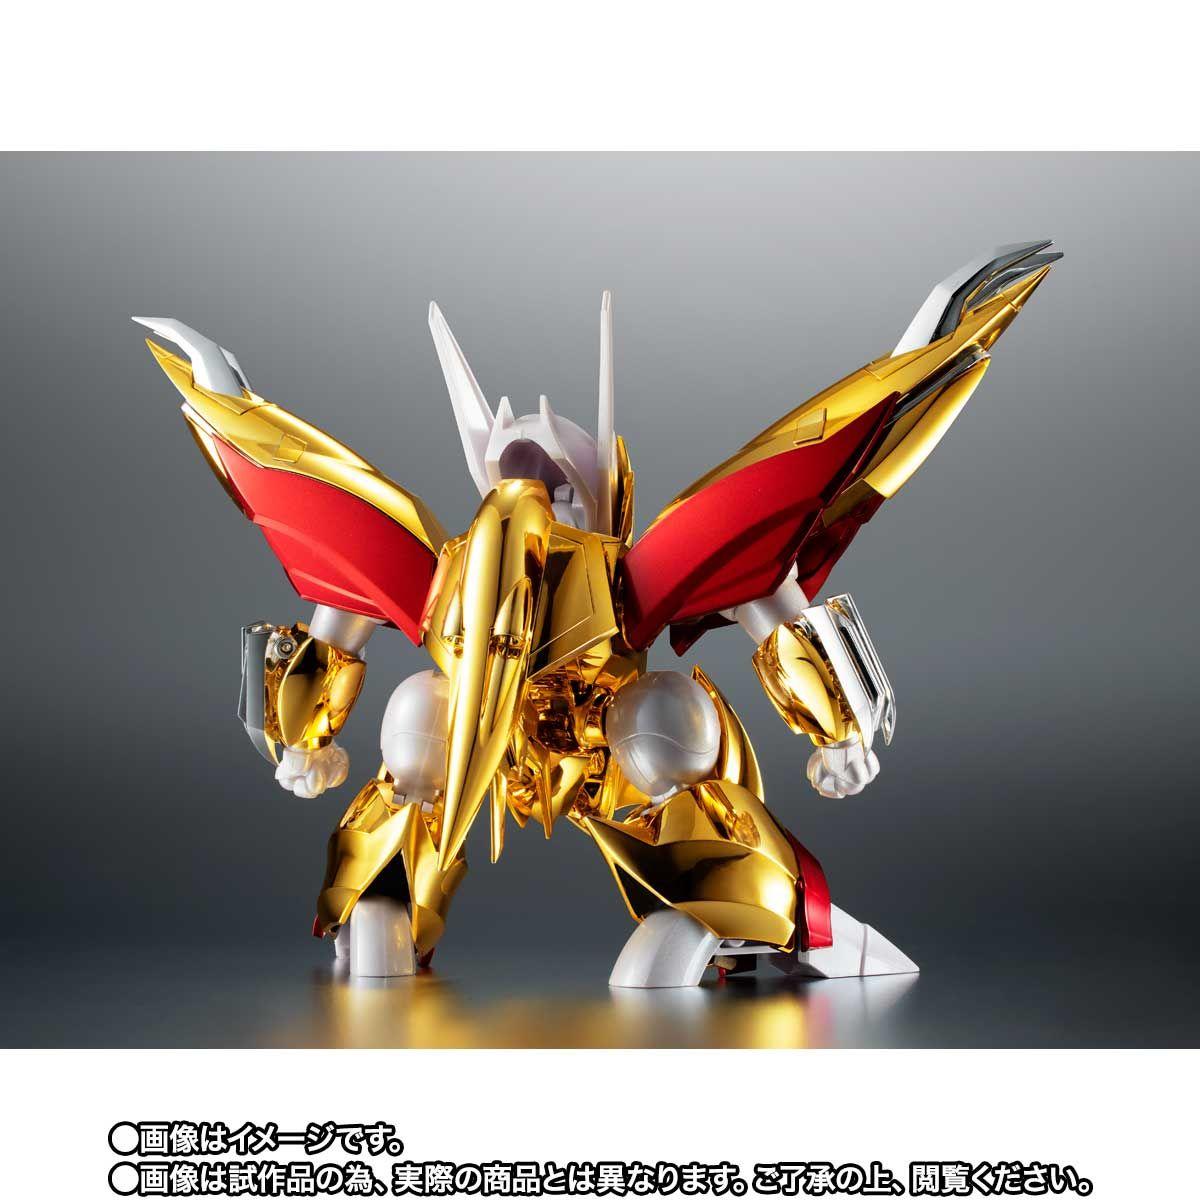 【限定販売】ROBOT魂〈SIDE MASHIN〉『龍星丸 30周年特別記念版』魔神英雄伝ワタル 可動フィギュア-004